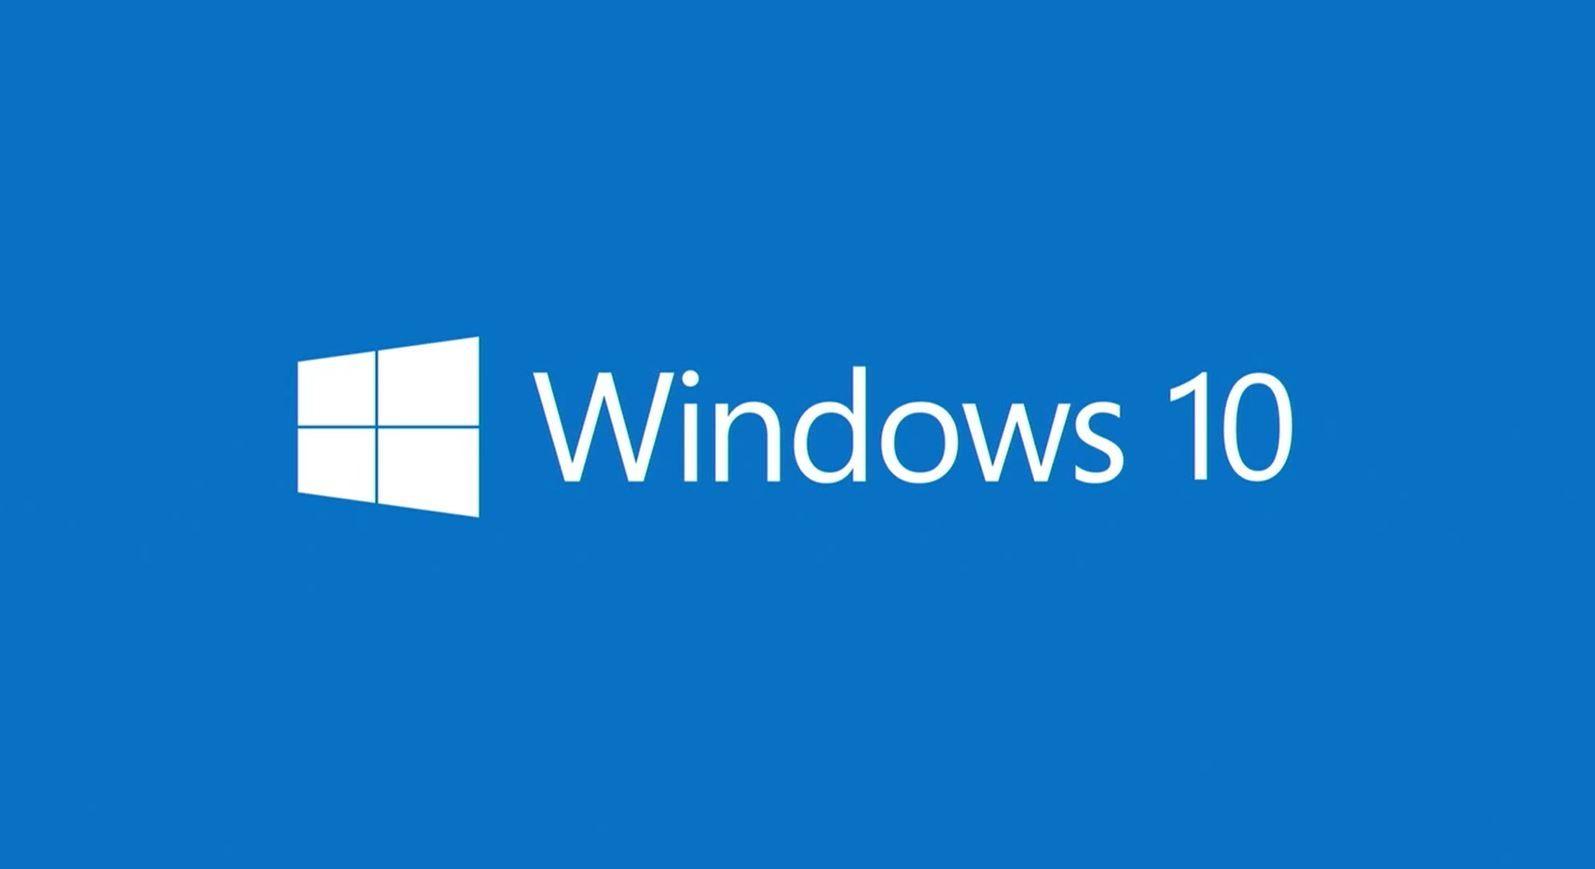 Windows 10 pourra désinstaller automatiquement des mises à jour problématiques